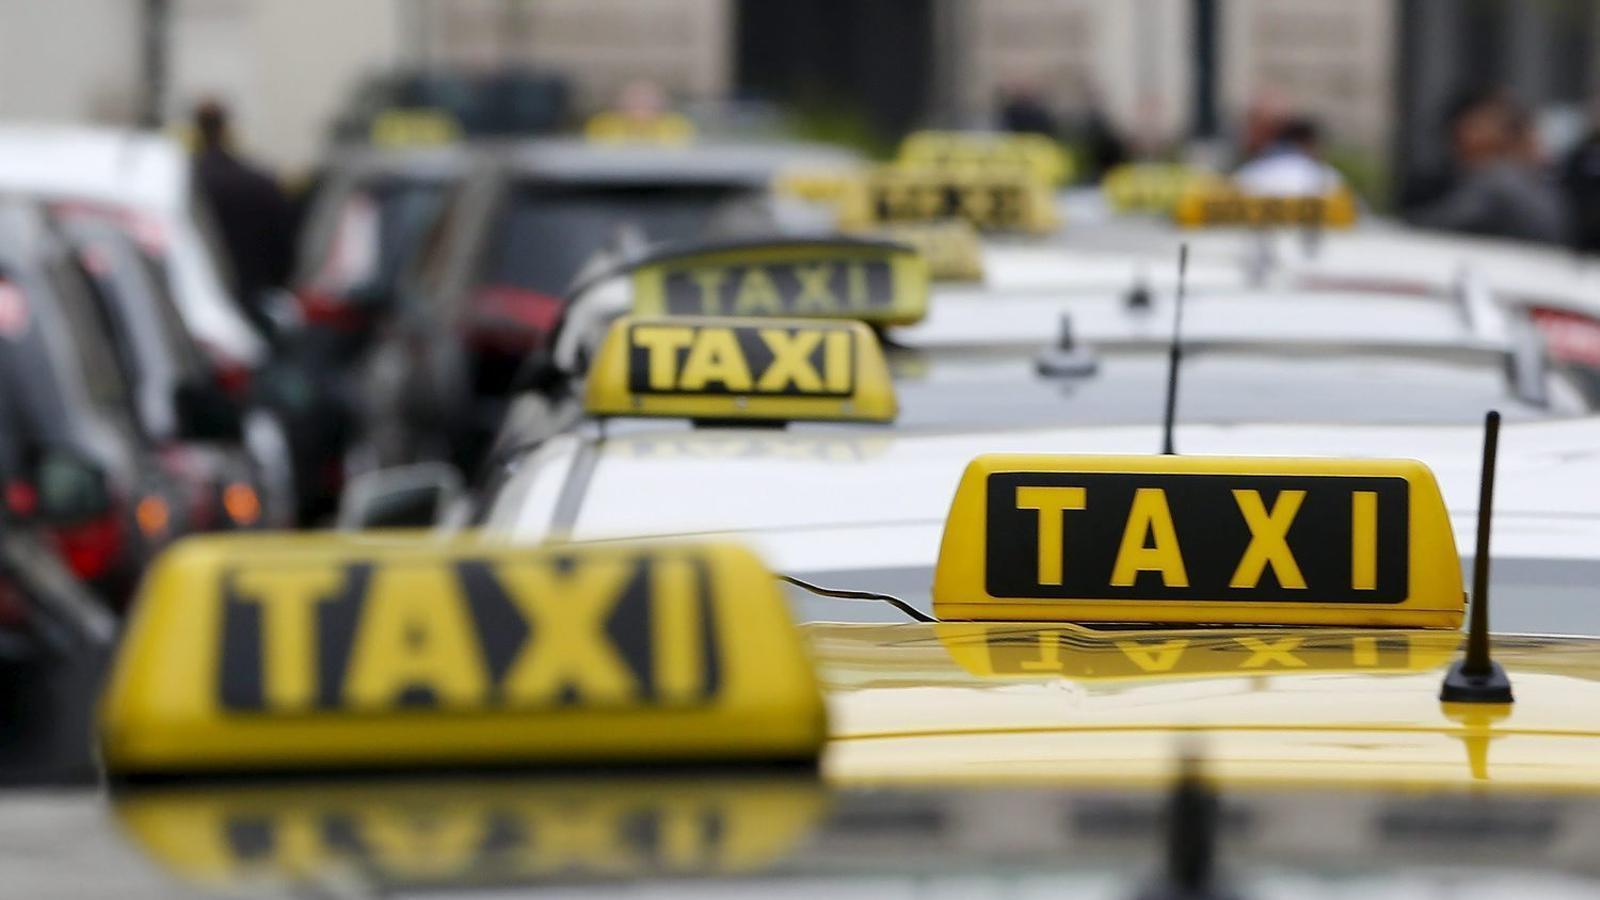 Els conductors de la plataforma de transport de particulars Uber s'associen per defensar els seus drets.